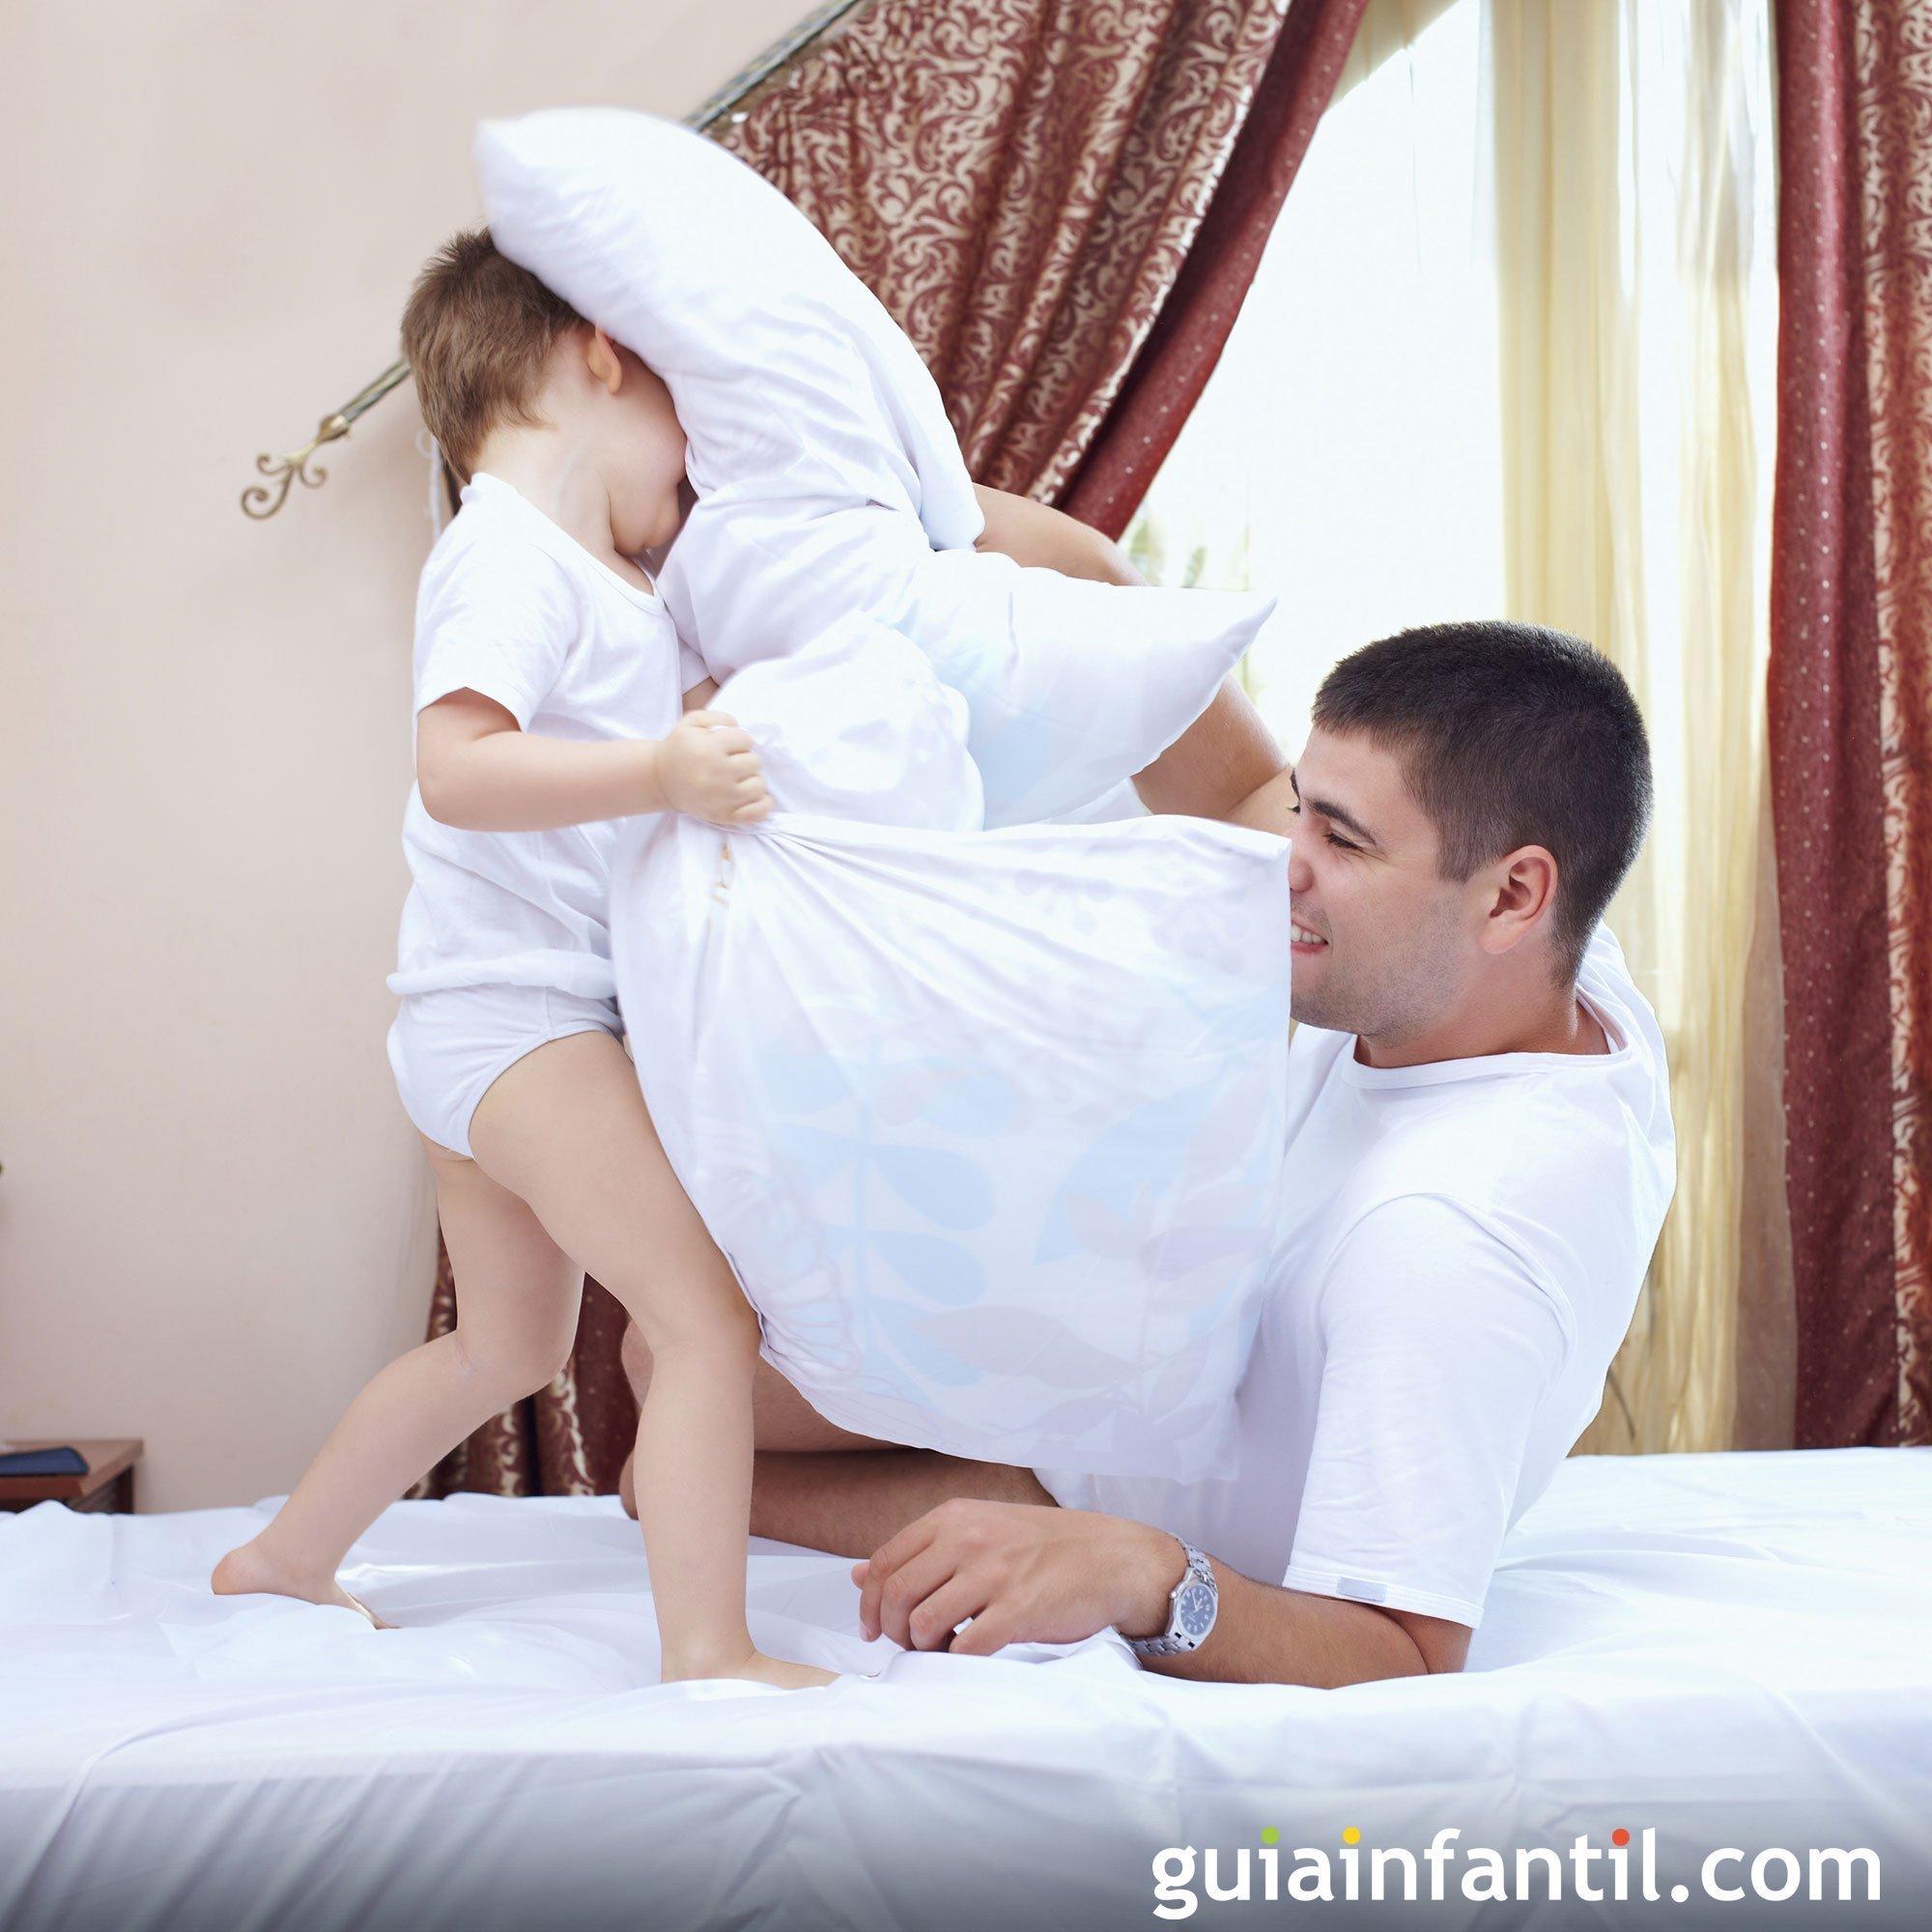 Jugar a la guerra de almohadas con papá